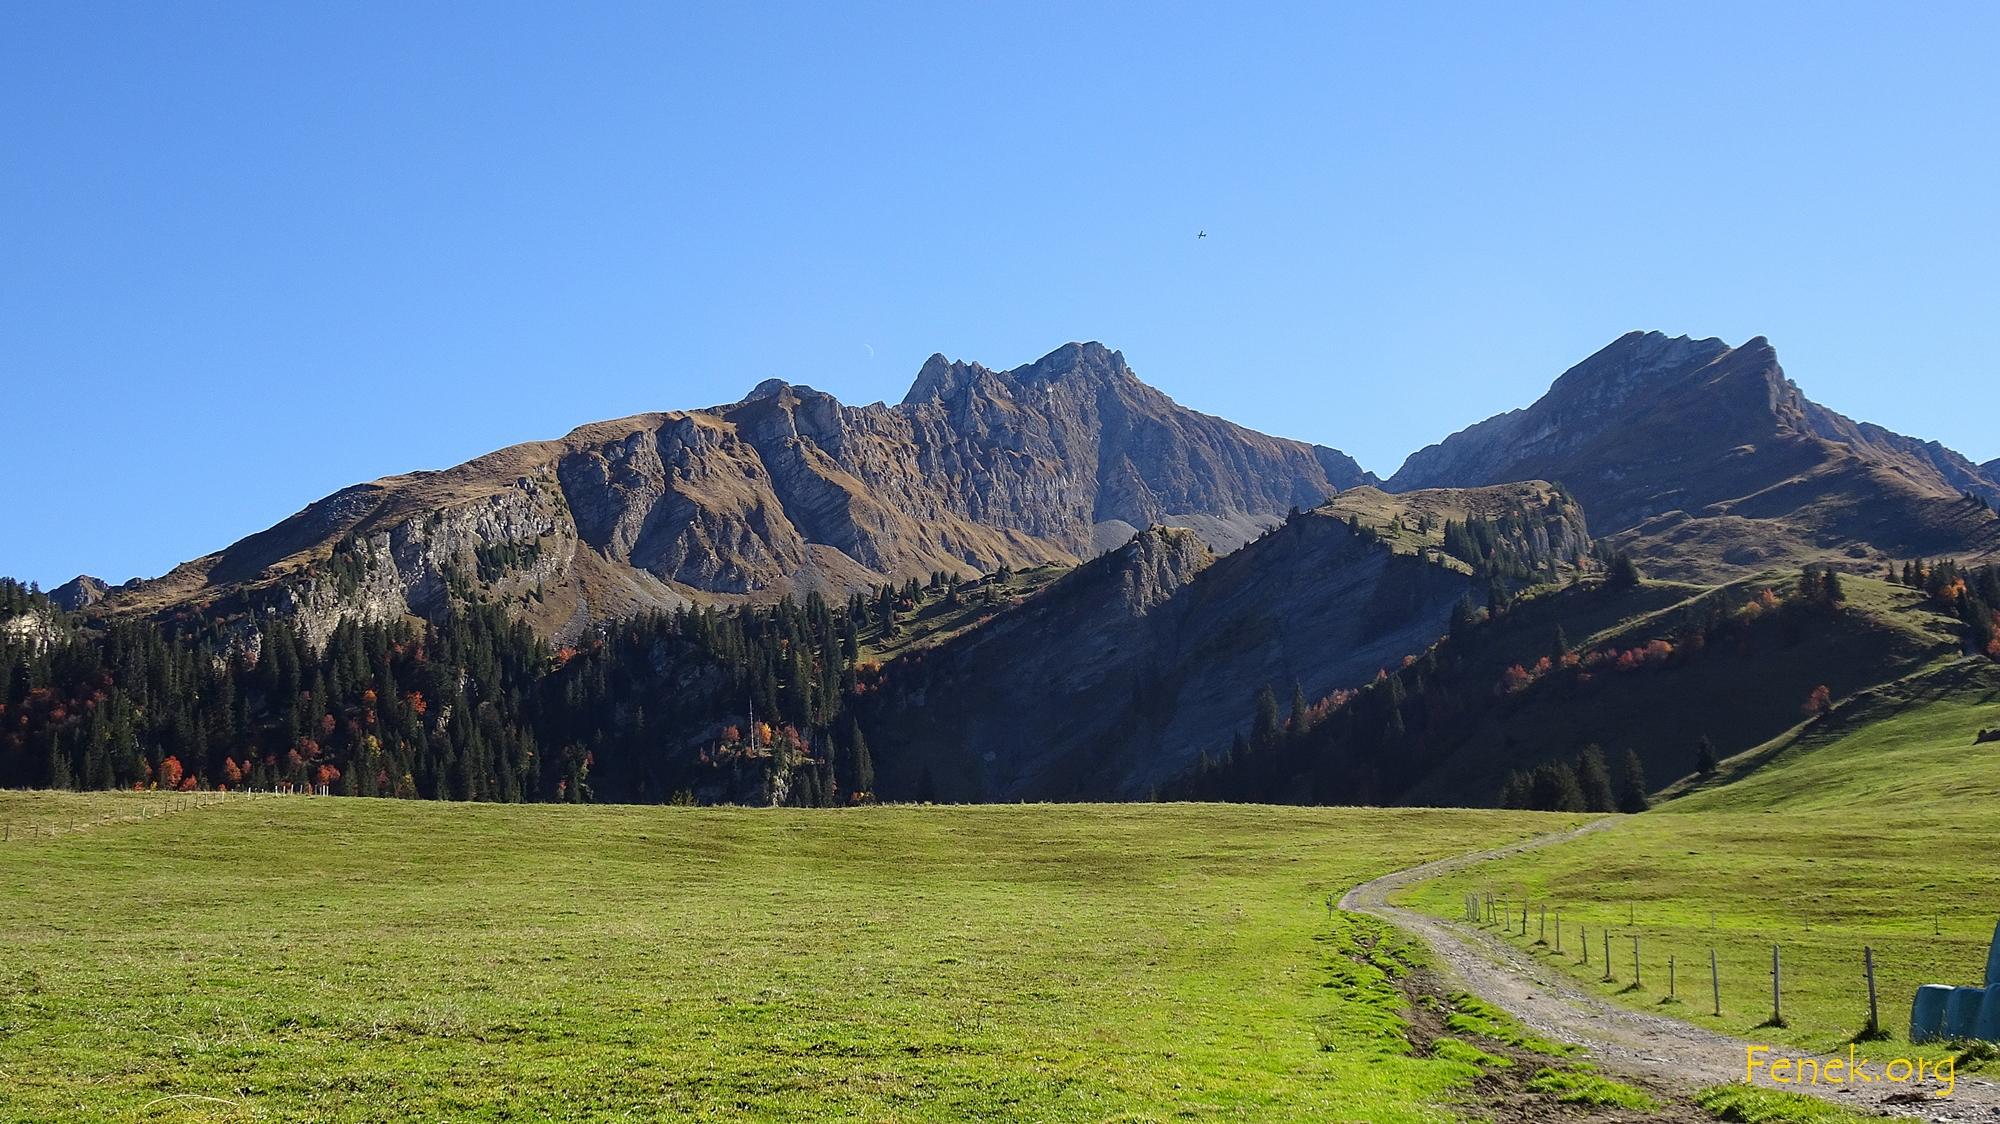 """zurück im """"grünen Bereich"""" - Nordgrat mit l'Aiguille und Le Tarent"""